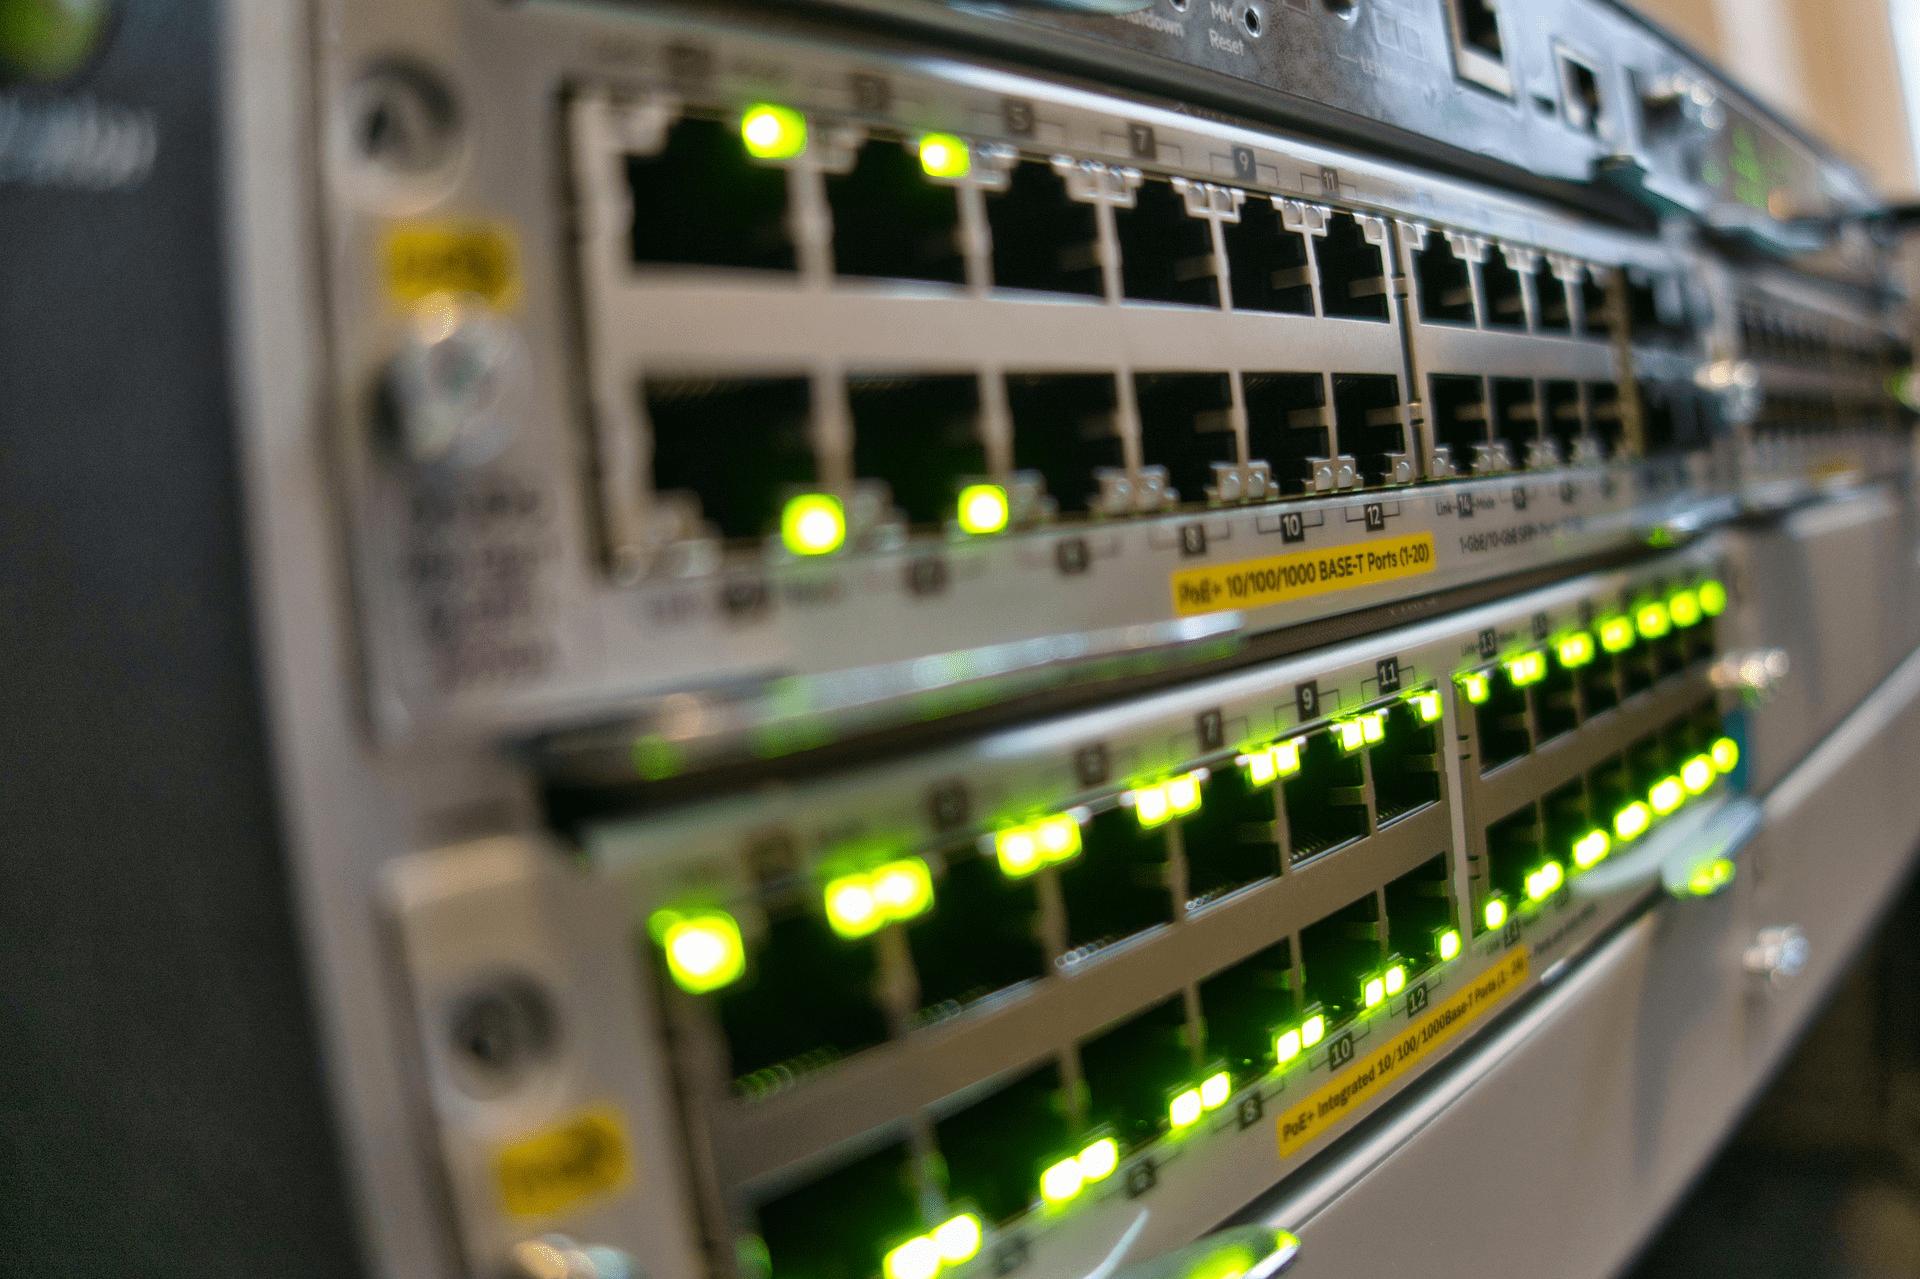 Datasikkerhed-Fyn